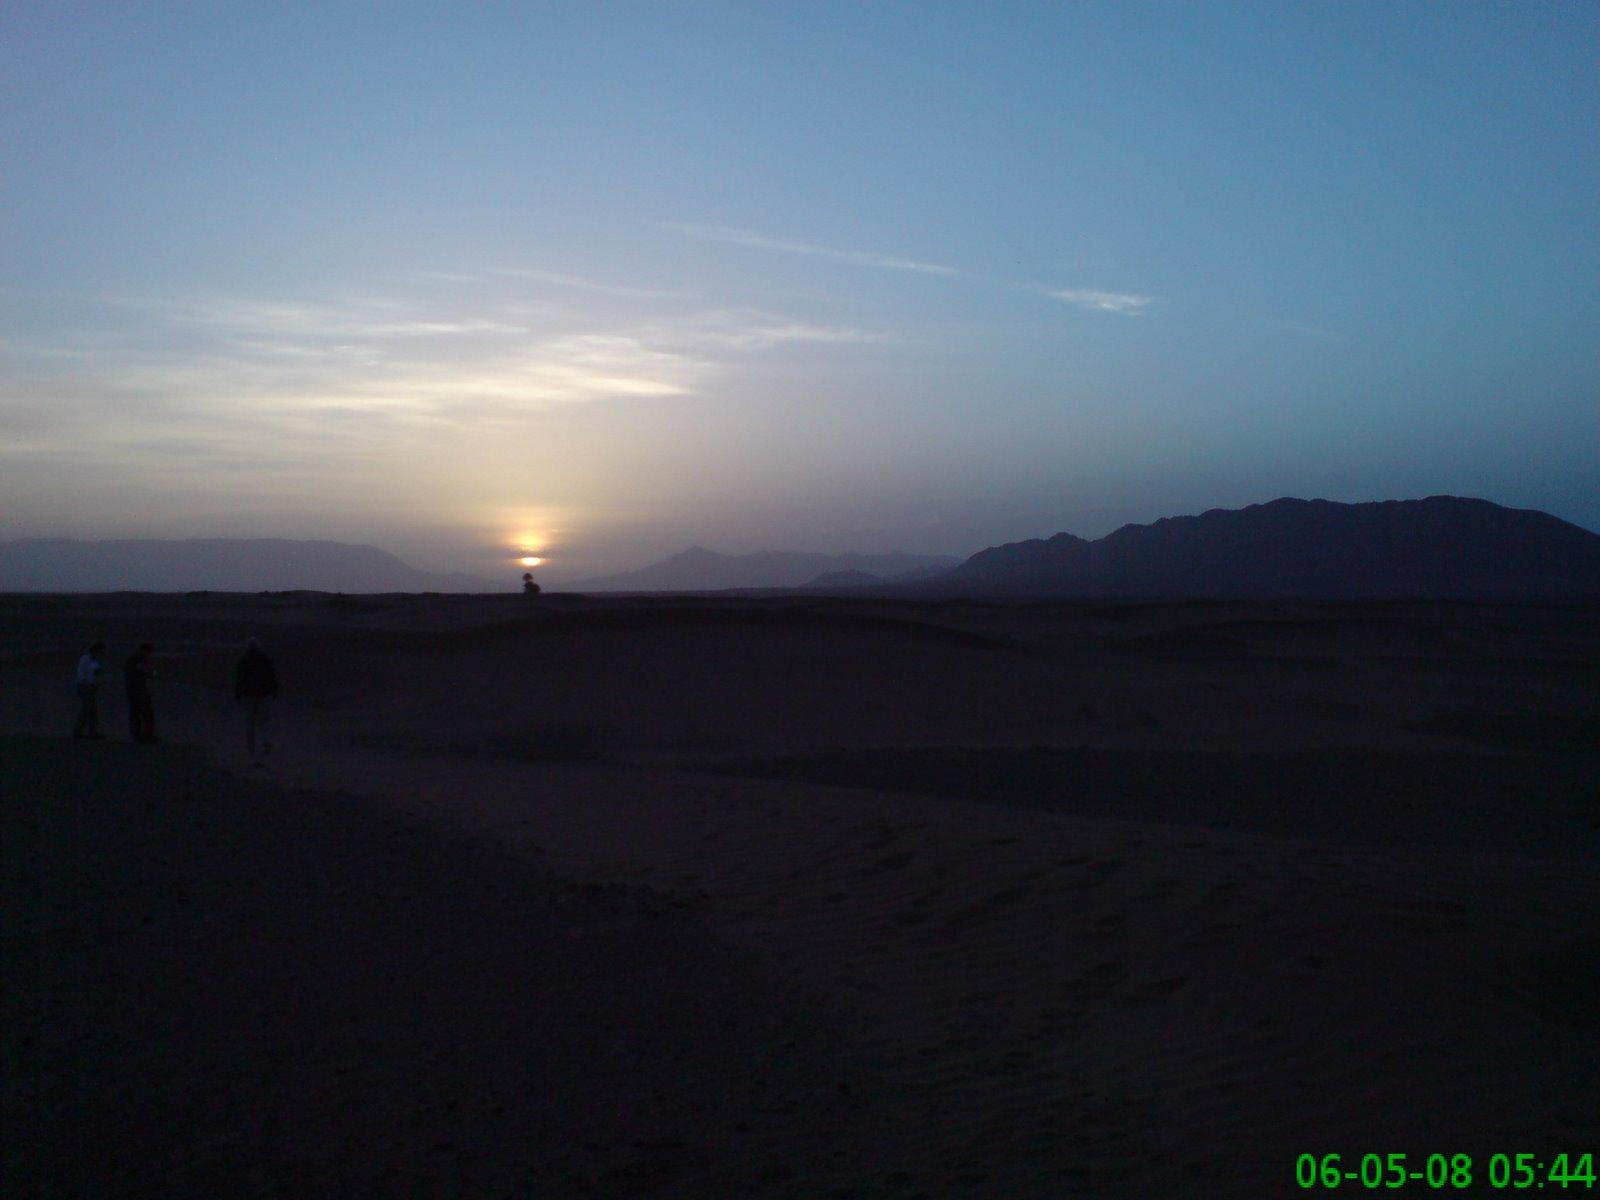 Sunrise over the desert